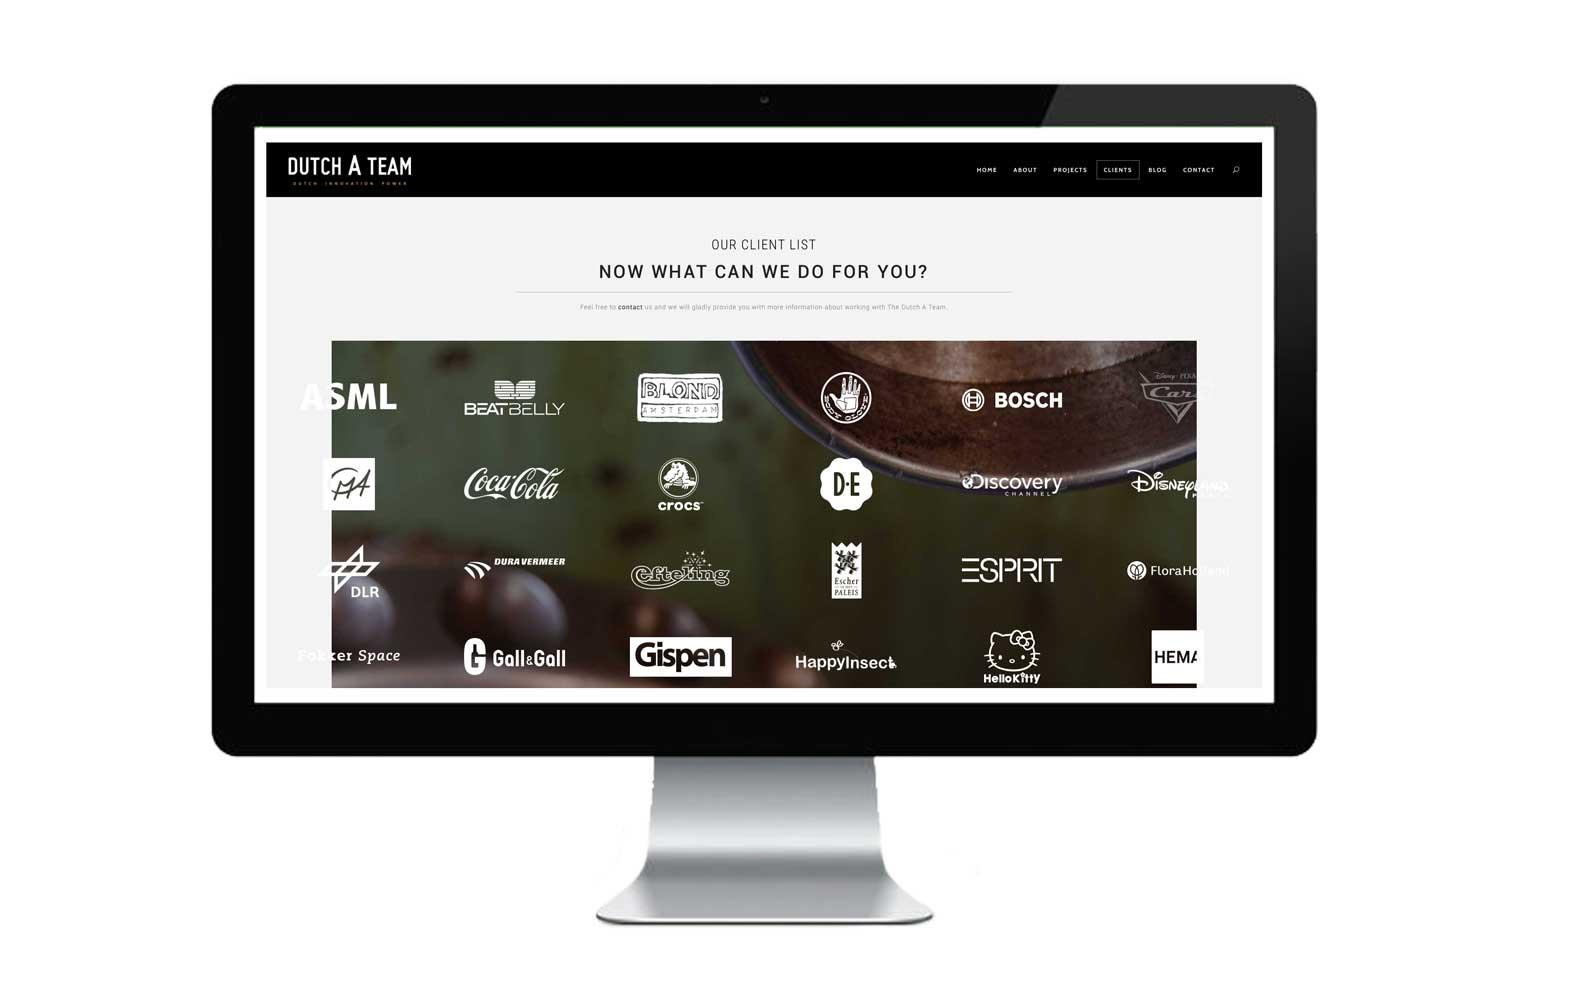 StudioErnst-DutchATeam-website6